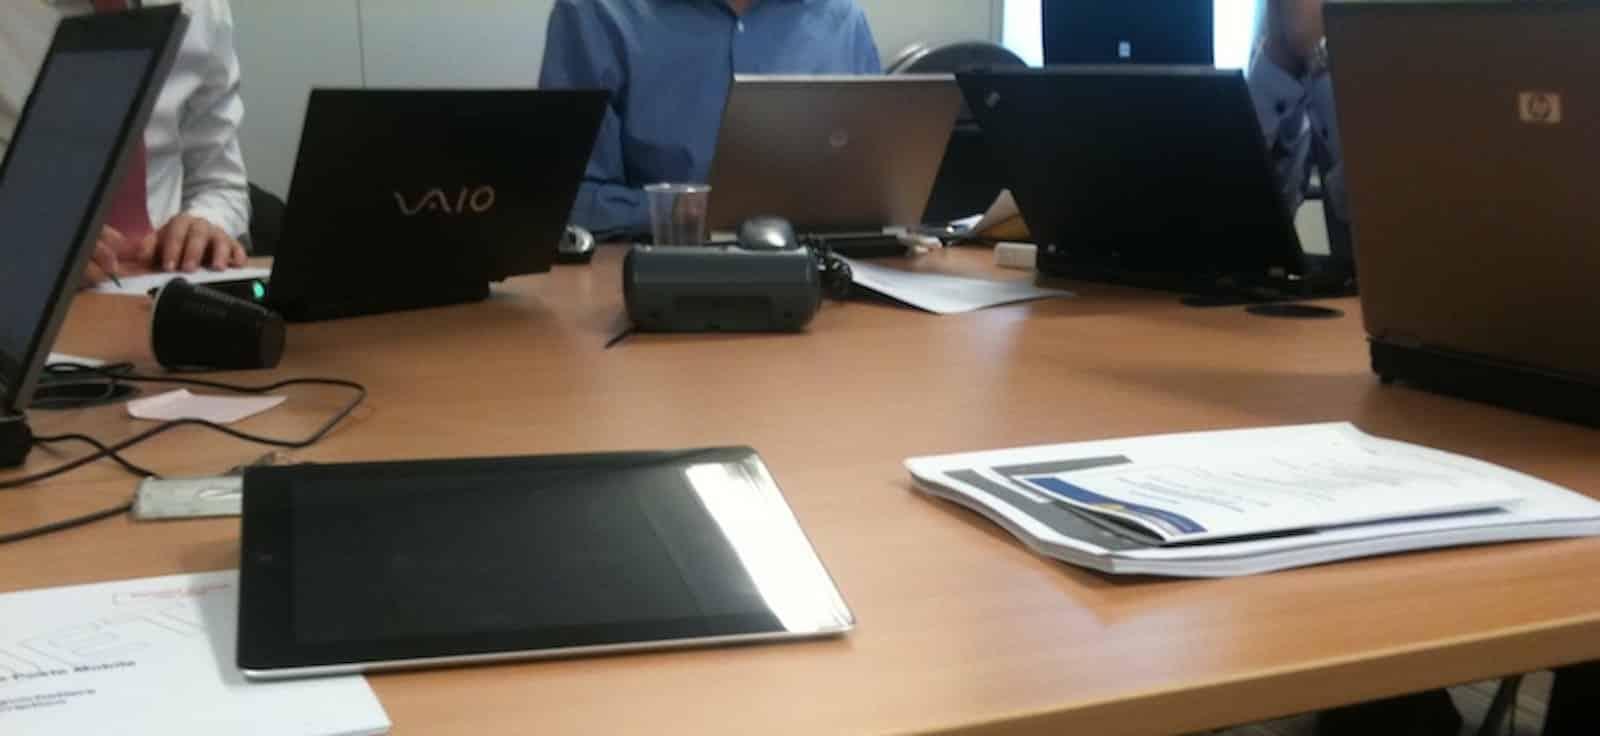 Travailler avec une tablette tactile (iPad) – Mon bilan après un an